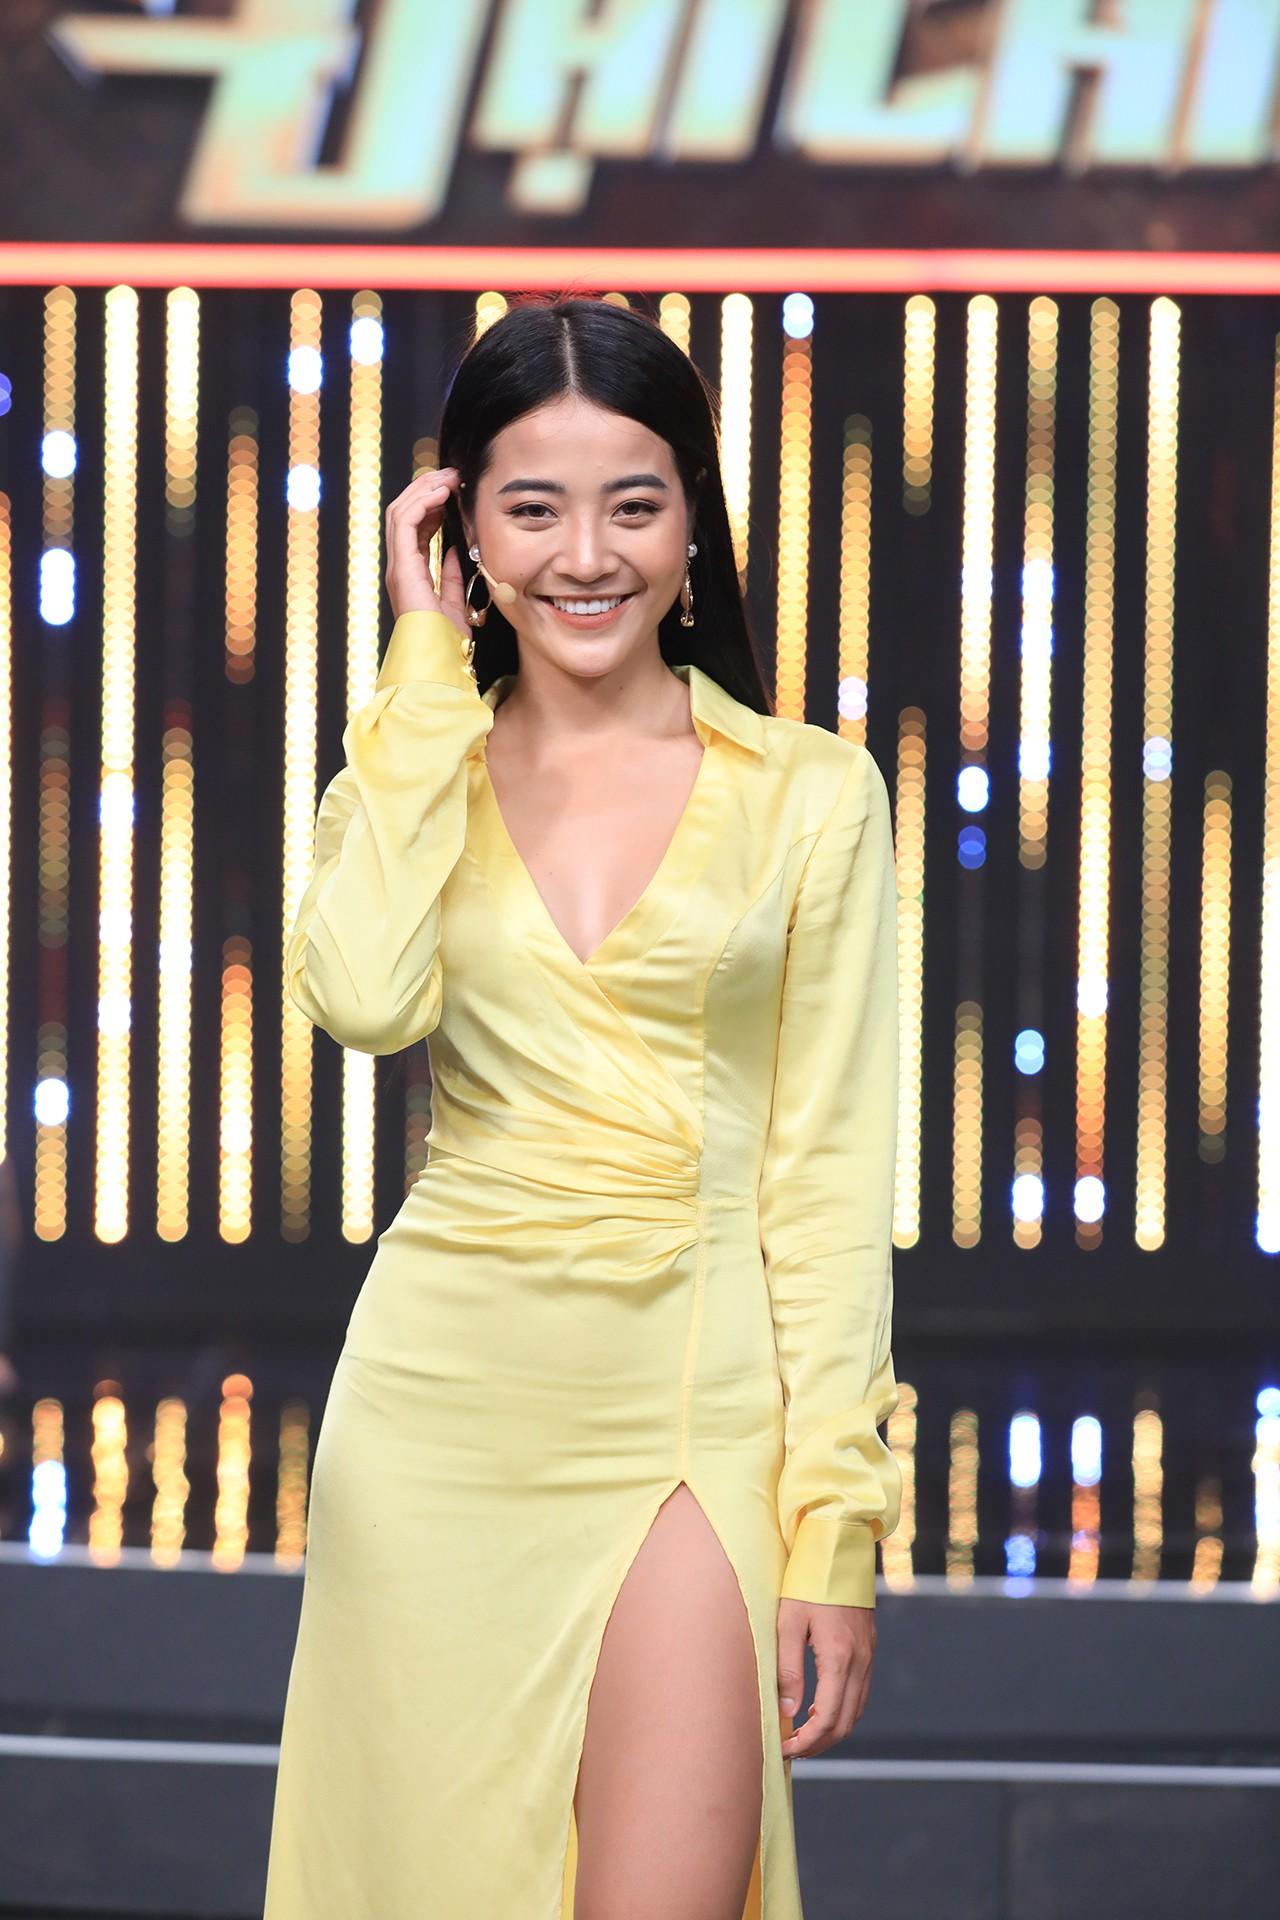 Ra khỏi MV, Hương Giang tiếp tục dằn mặt tình địch Karen Nguyễn trên sóng truyền hình - Ảnh 4.